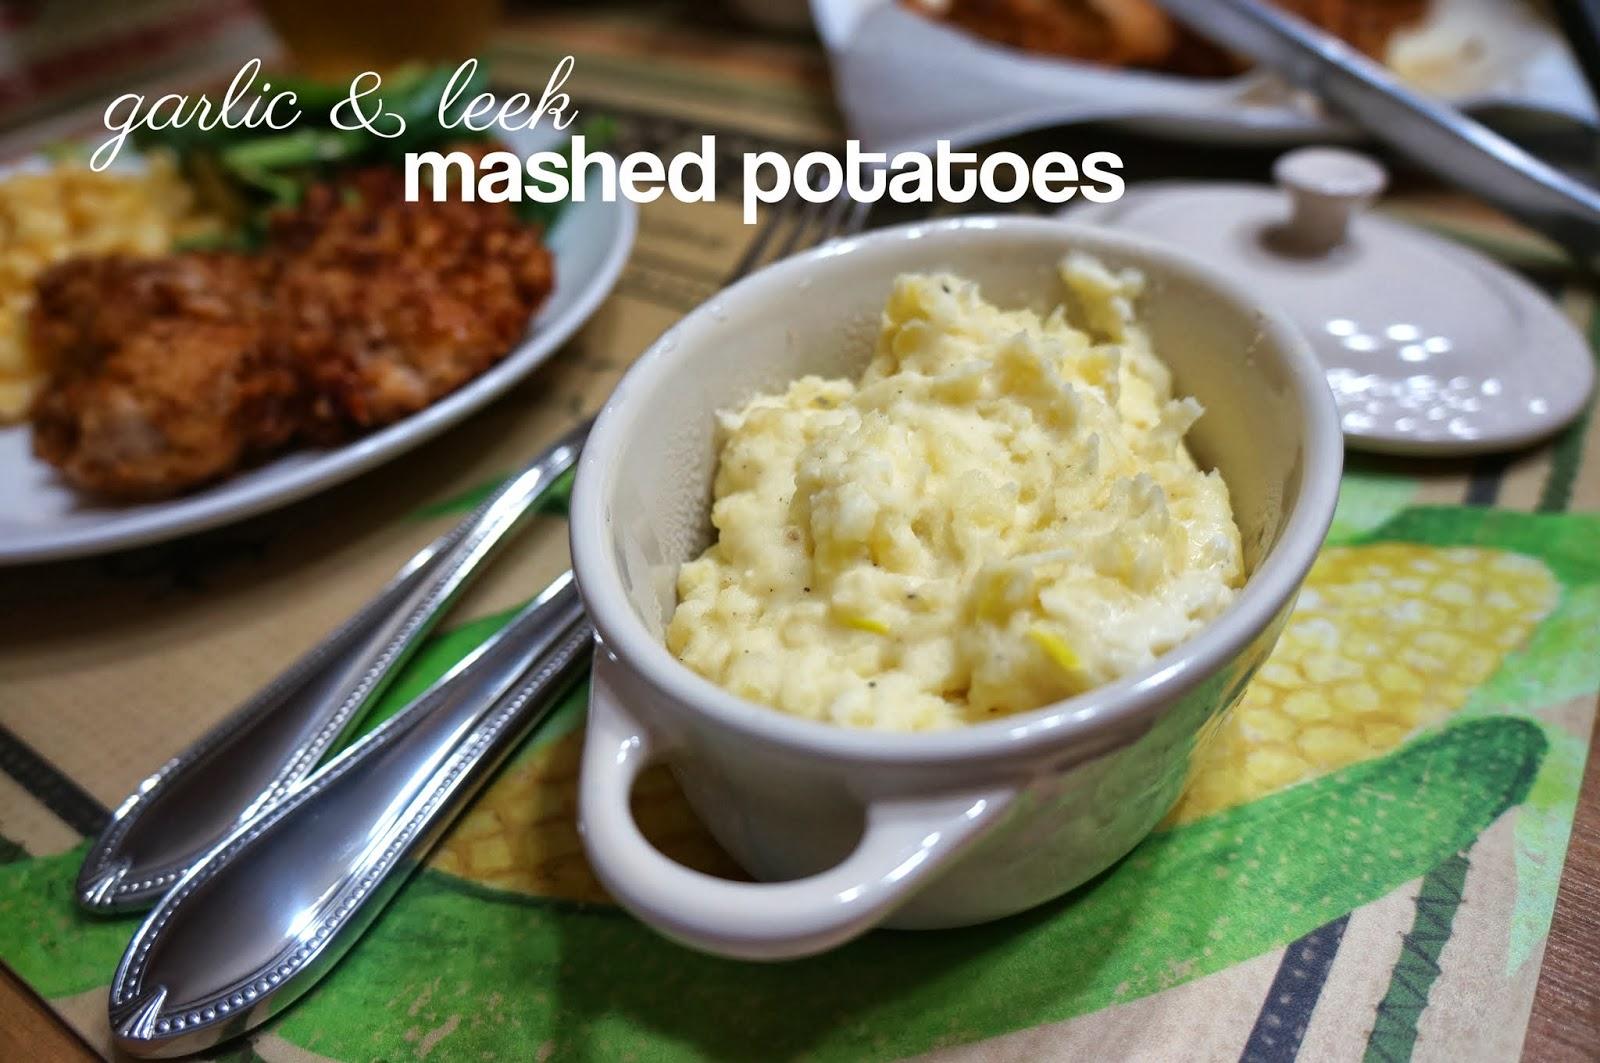 ... mashed potatoes miso mashed potatoes sour cream and leek mashed